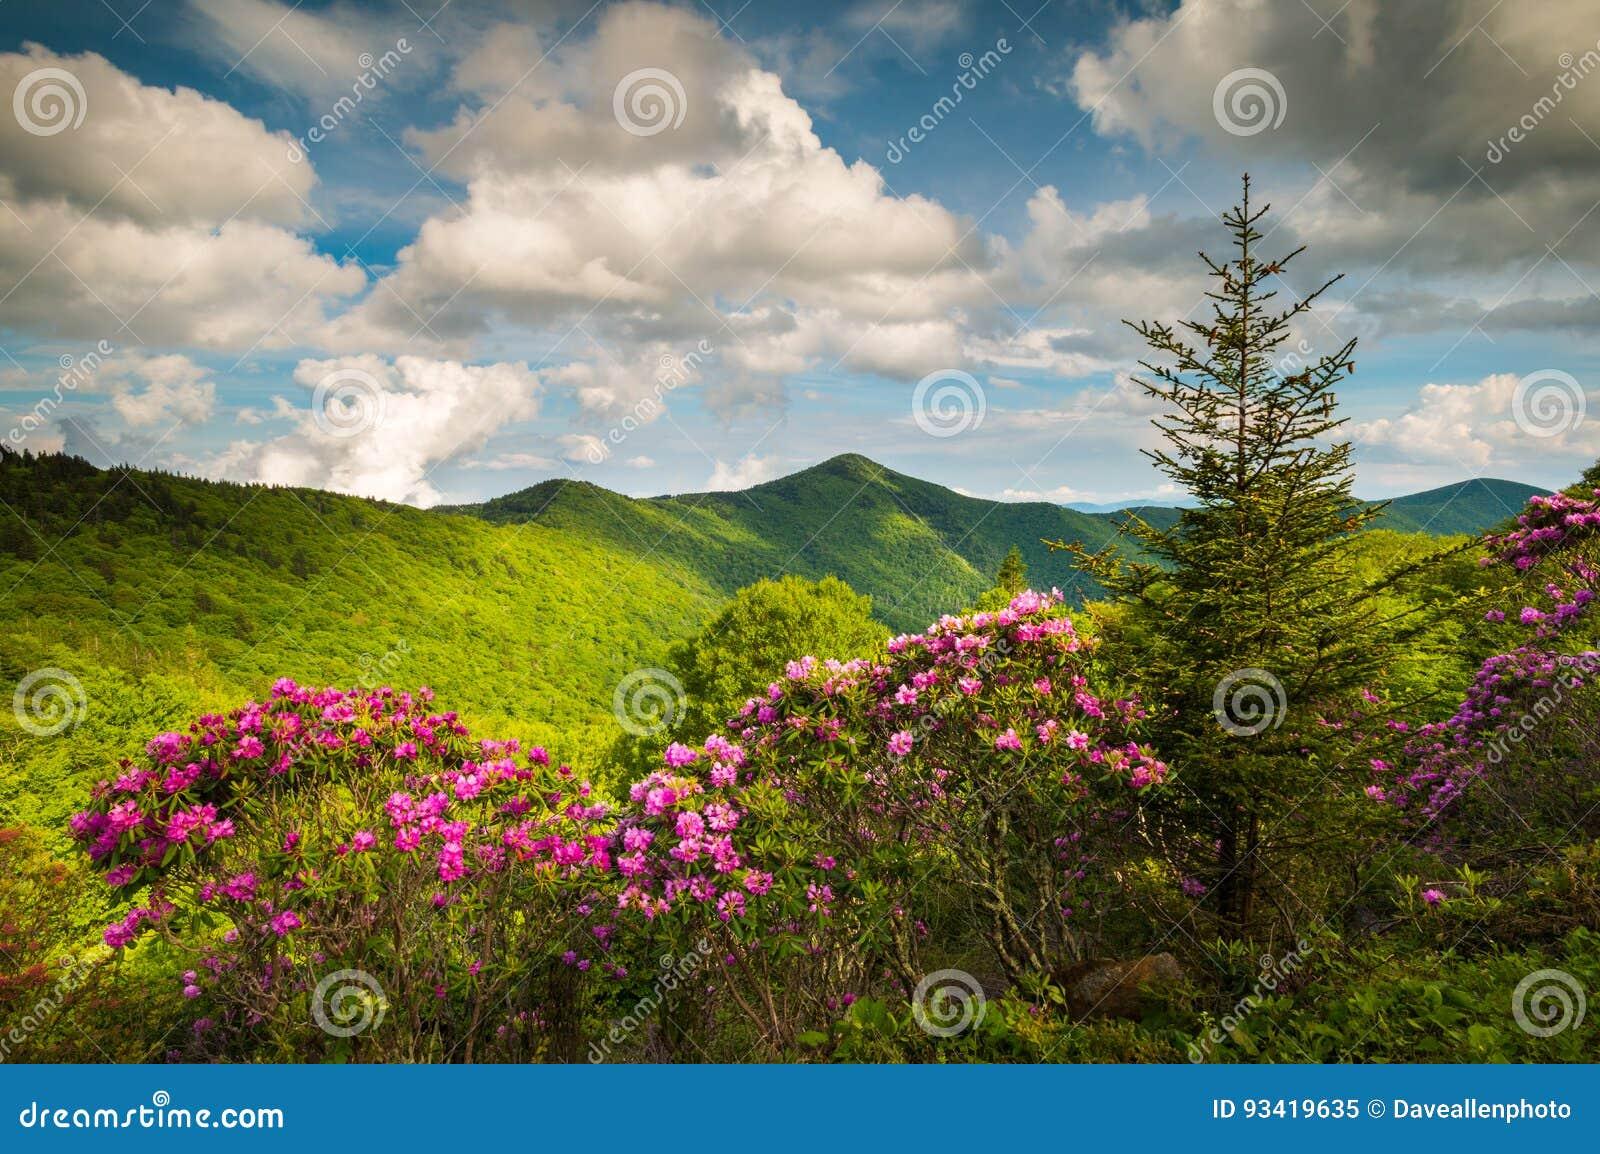 Asheville north carolina blue ridge parkway spring flowers sceni download asheville north carolina blue ridge parkway spring flowers sceni stock image image of natural mightylinksfo